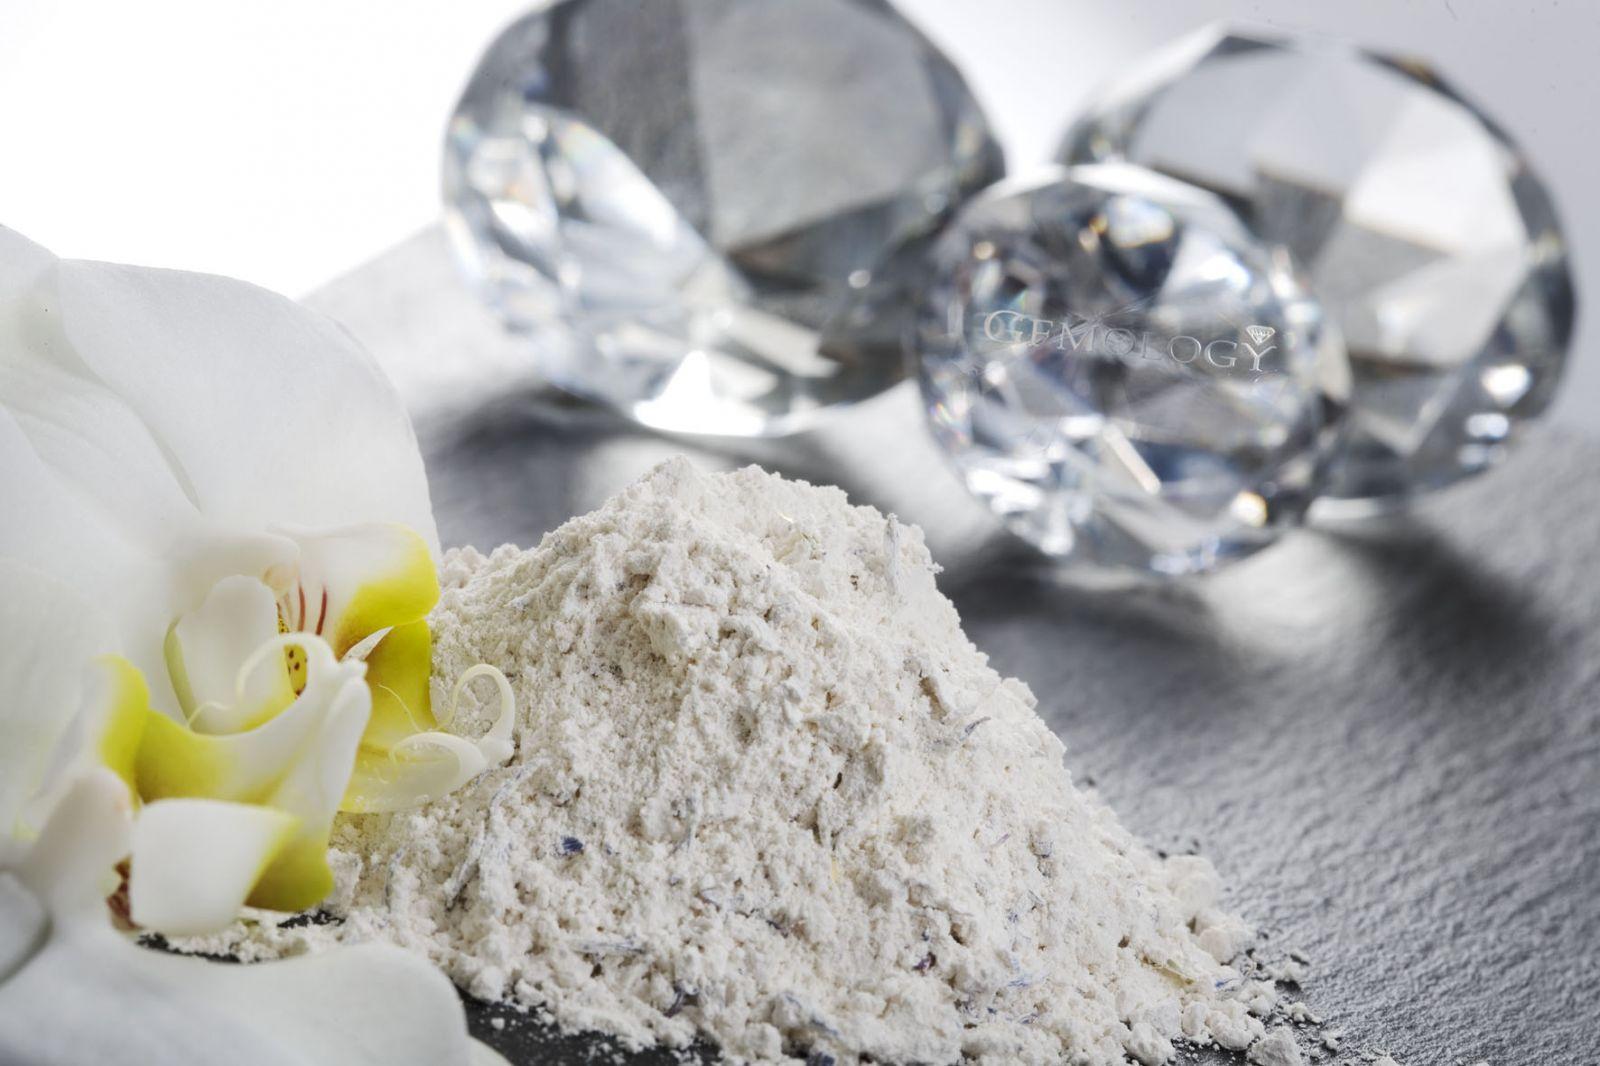 Кожа как бриллиант: новый бренд Gemology, основанный на драгоценных микроэлементах